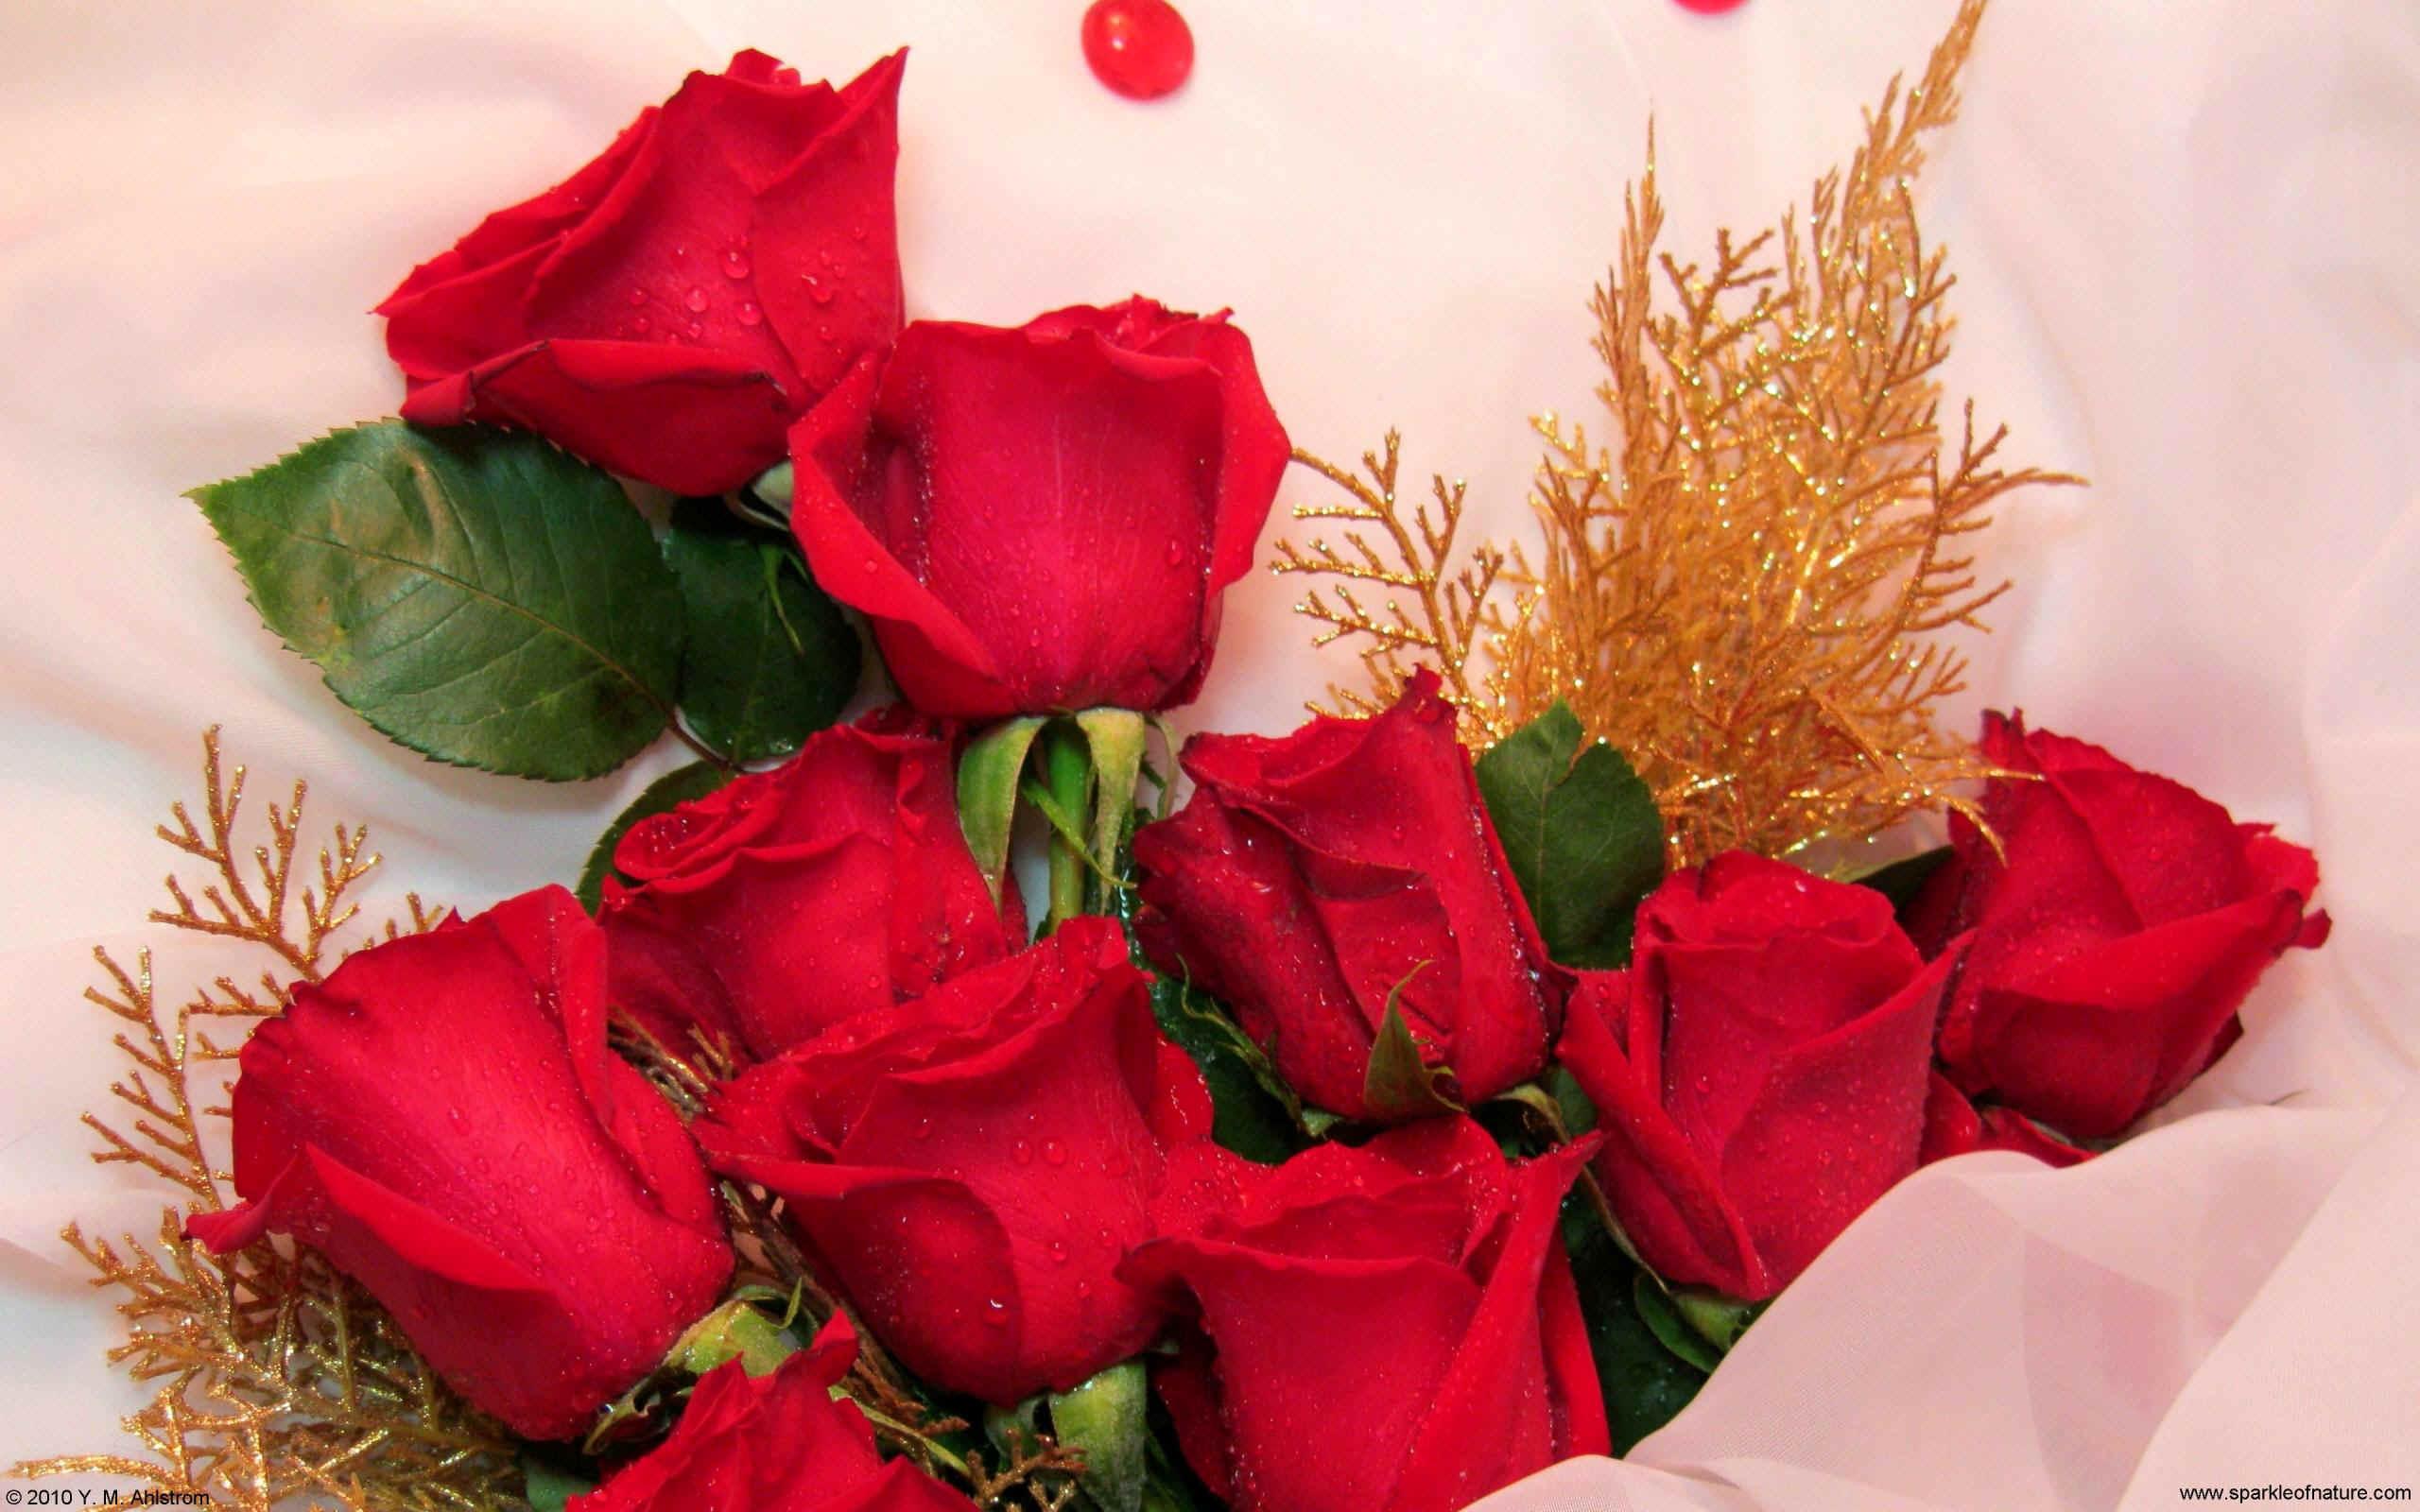 بالصور بوكيه ورد احمر , اجمل صور لبوكيهات الورد باللون الاحمر 4431 11